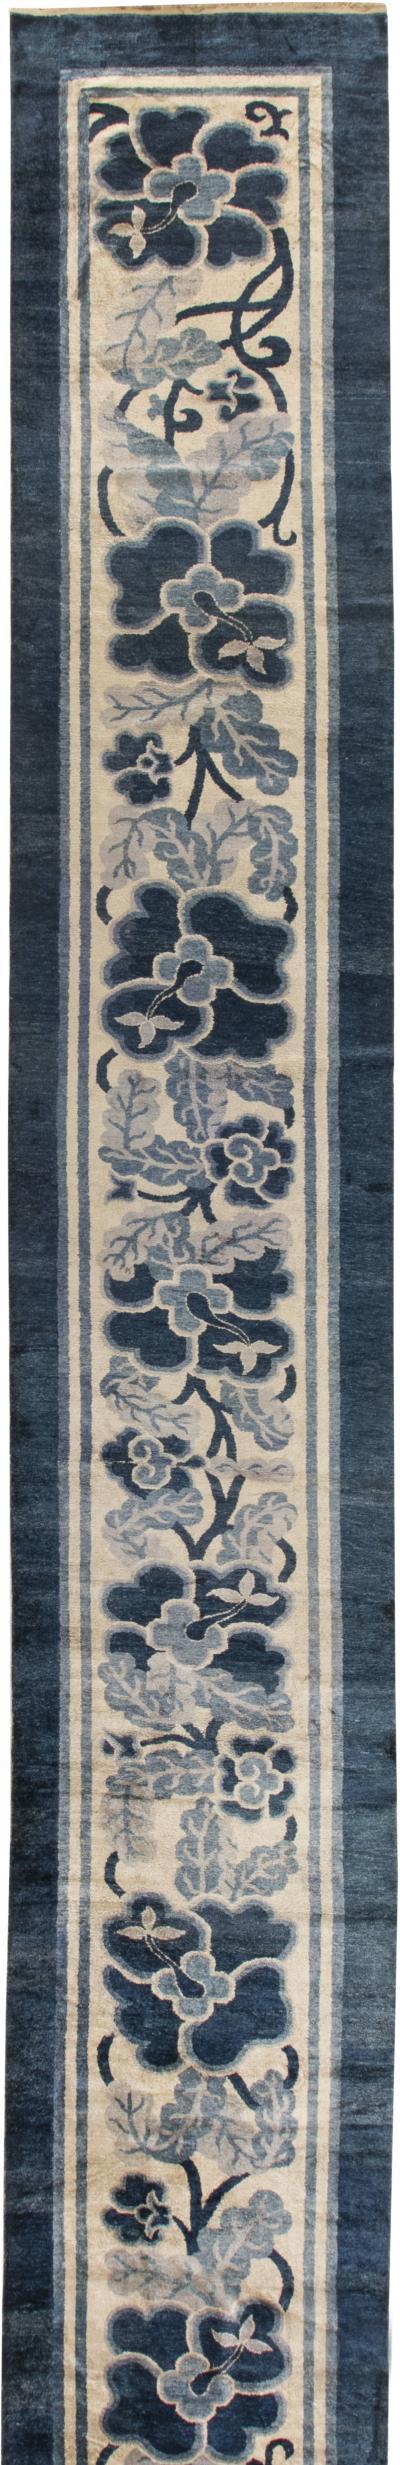 Chinese Runner fragment